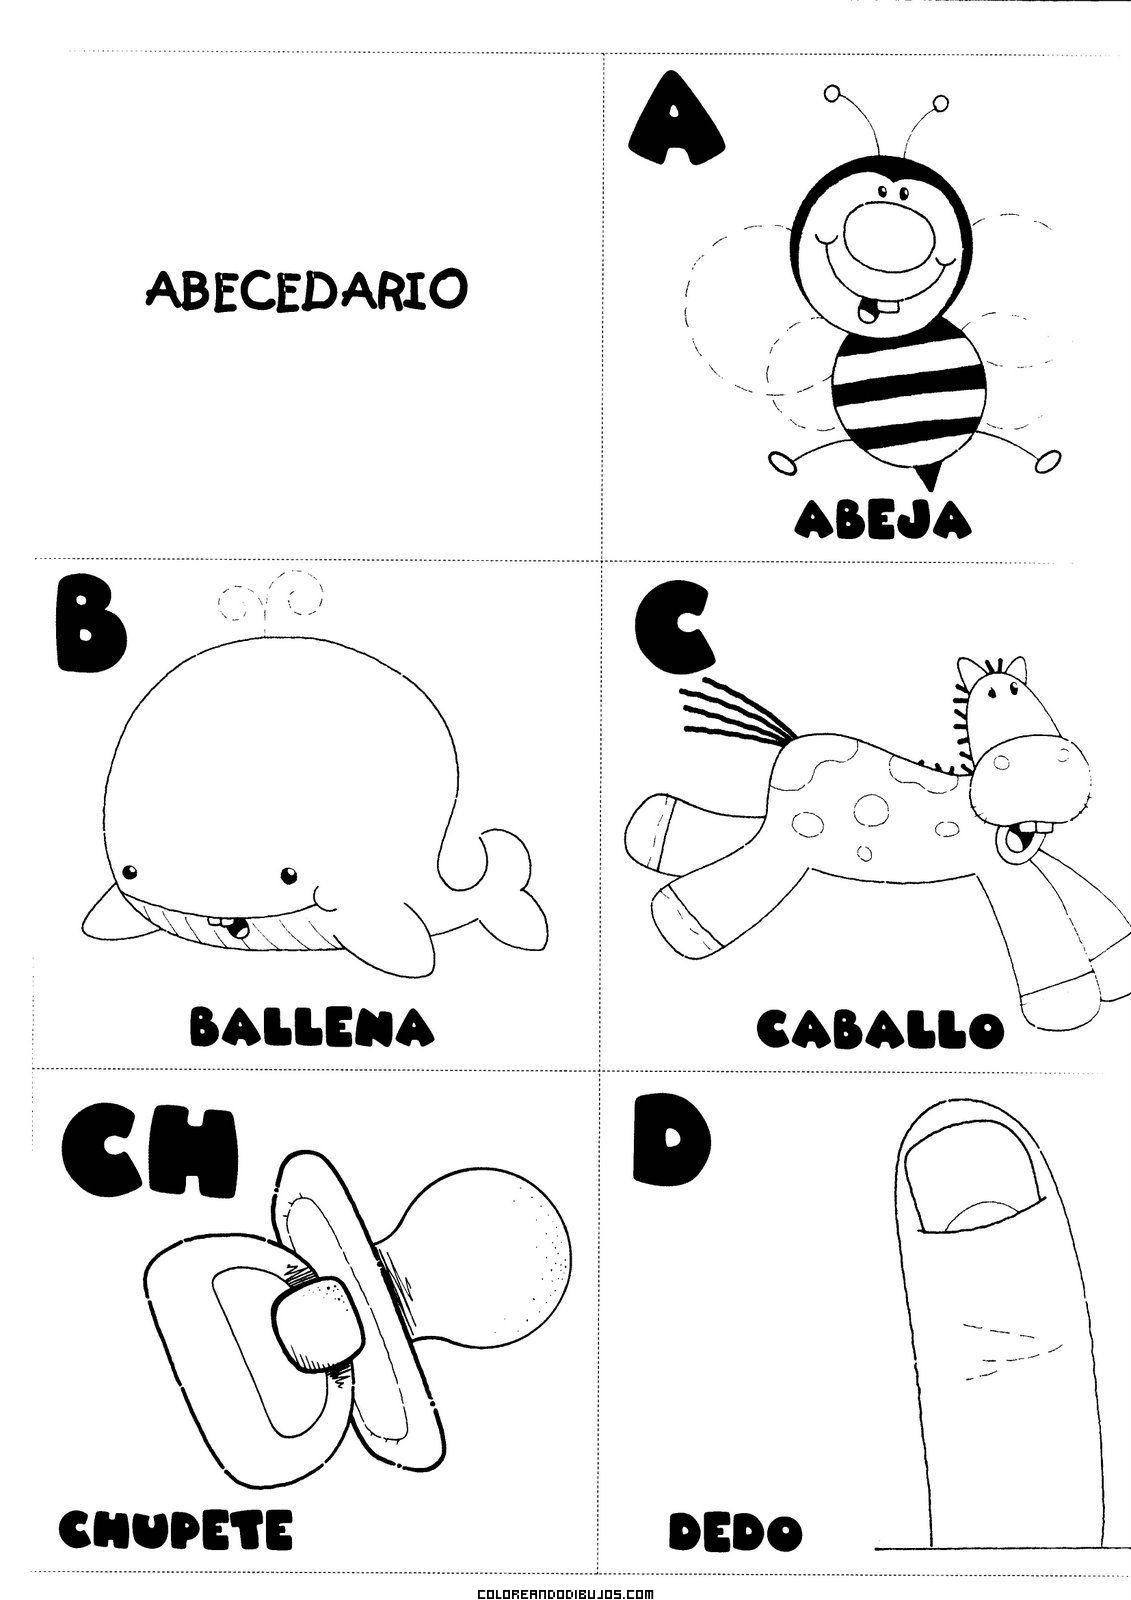 Letras A, B, C, CH, D para colorear - Dibujos para colorear